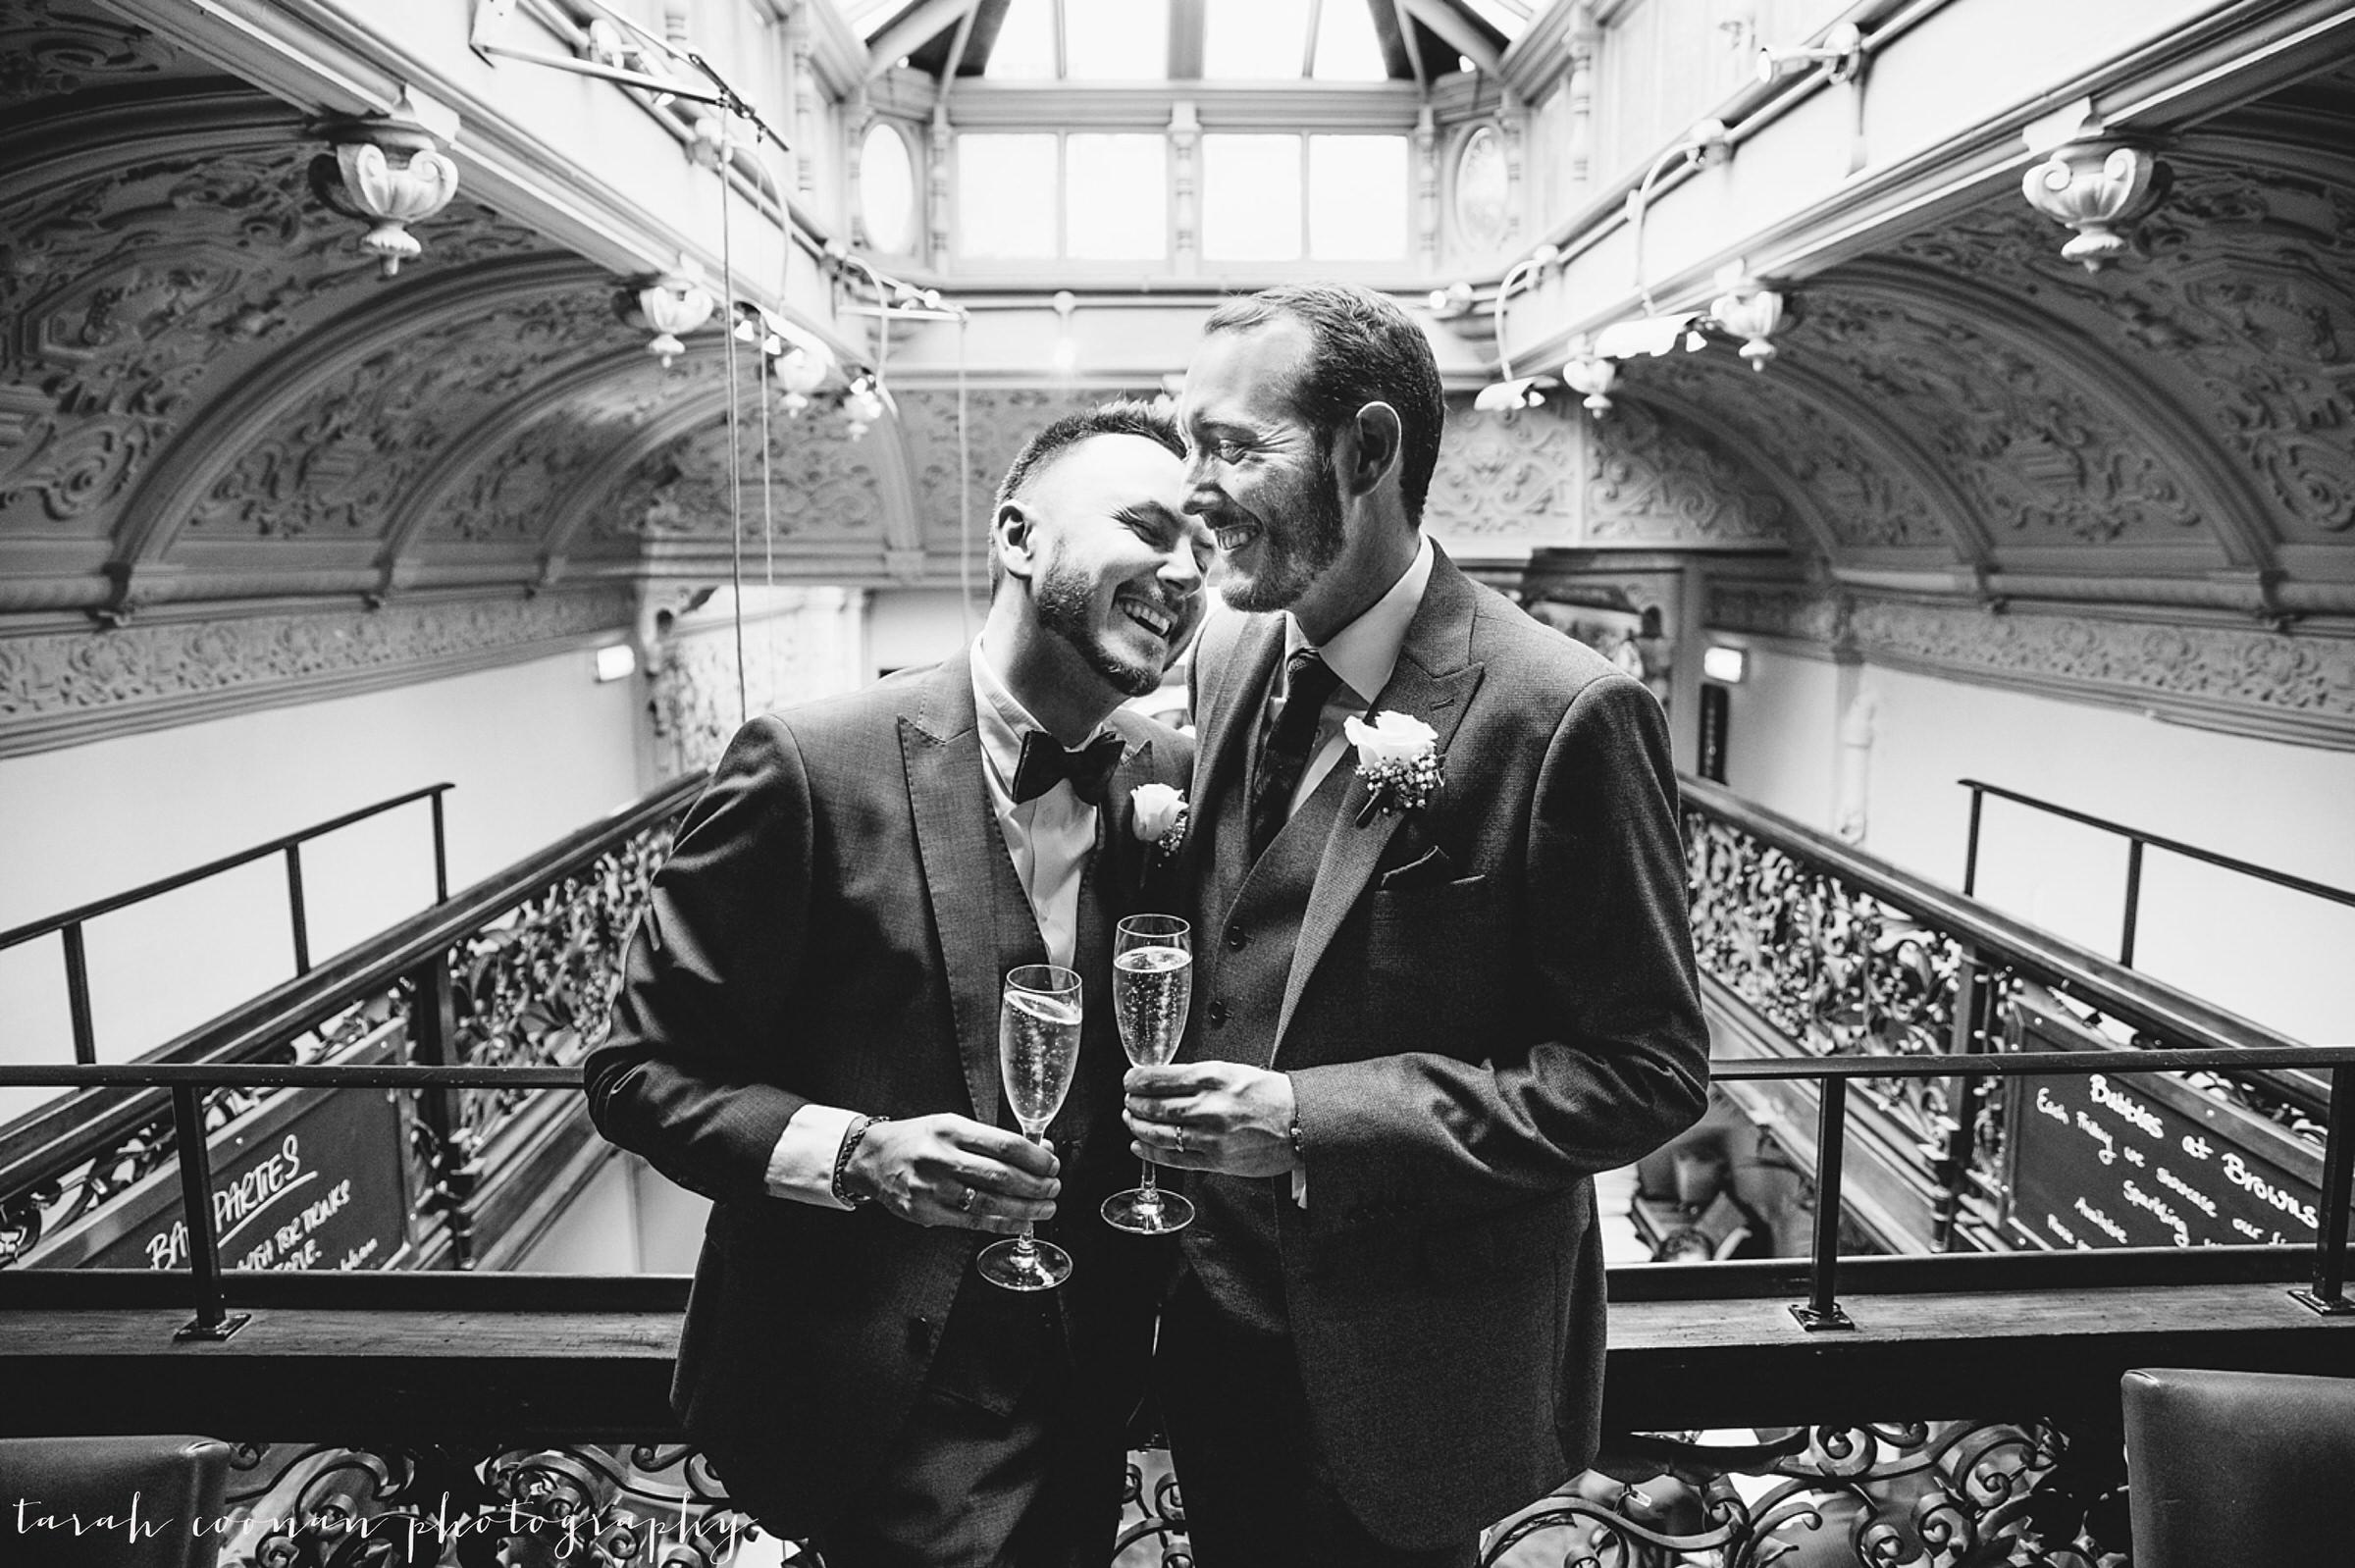 Gay wedding pose